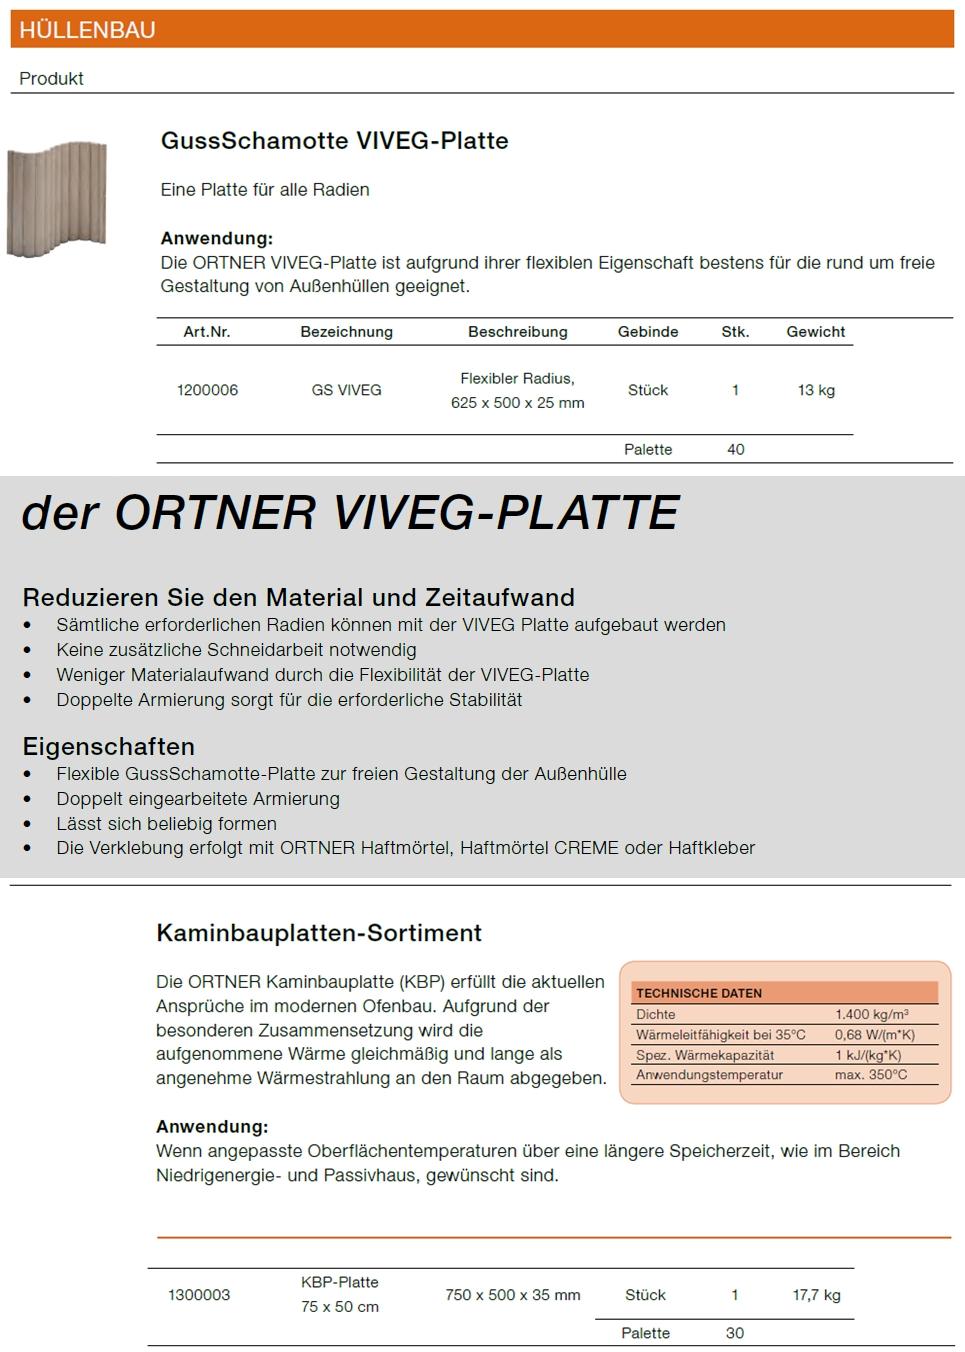 Brunner kaminbauplatten